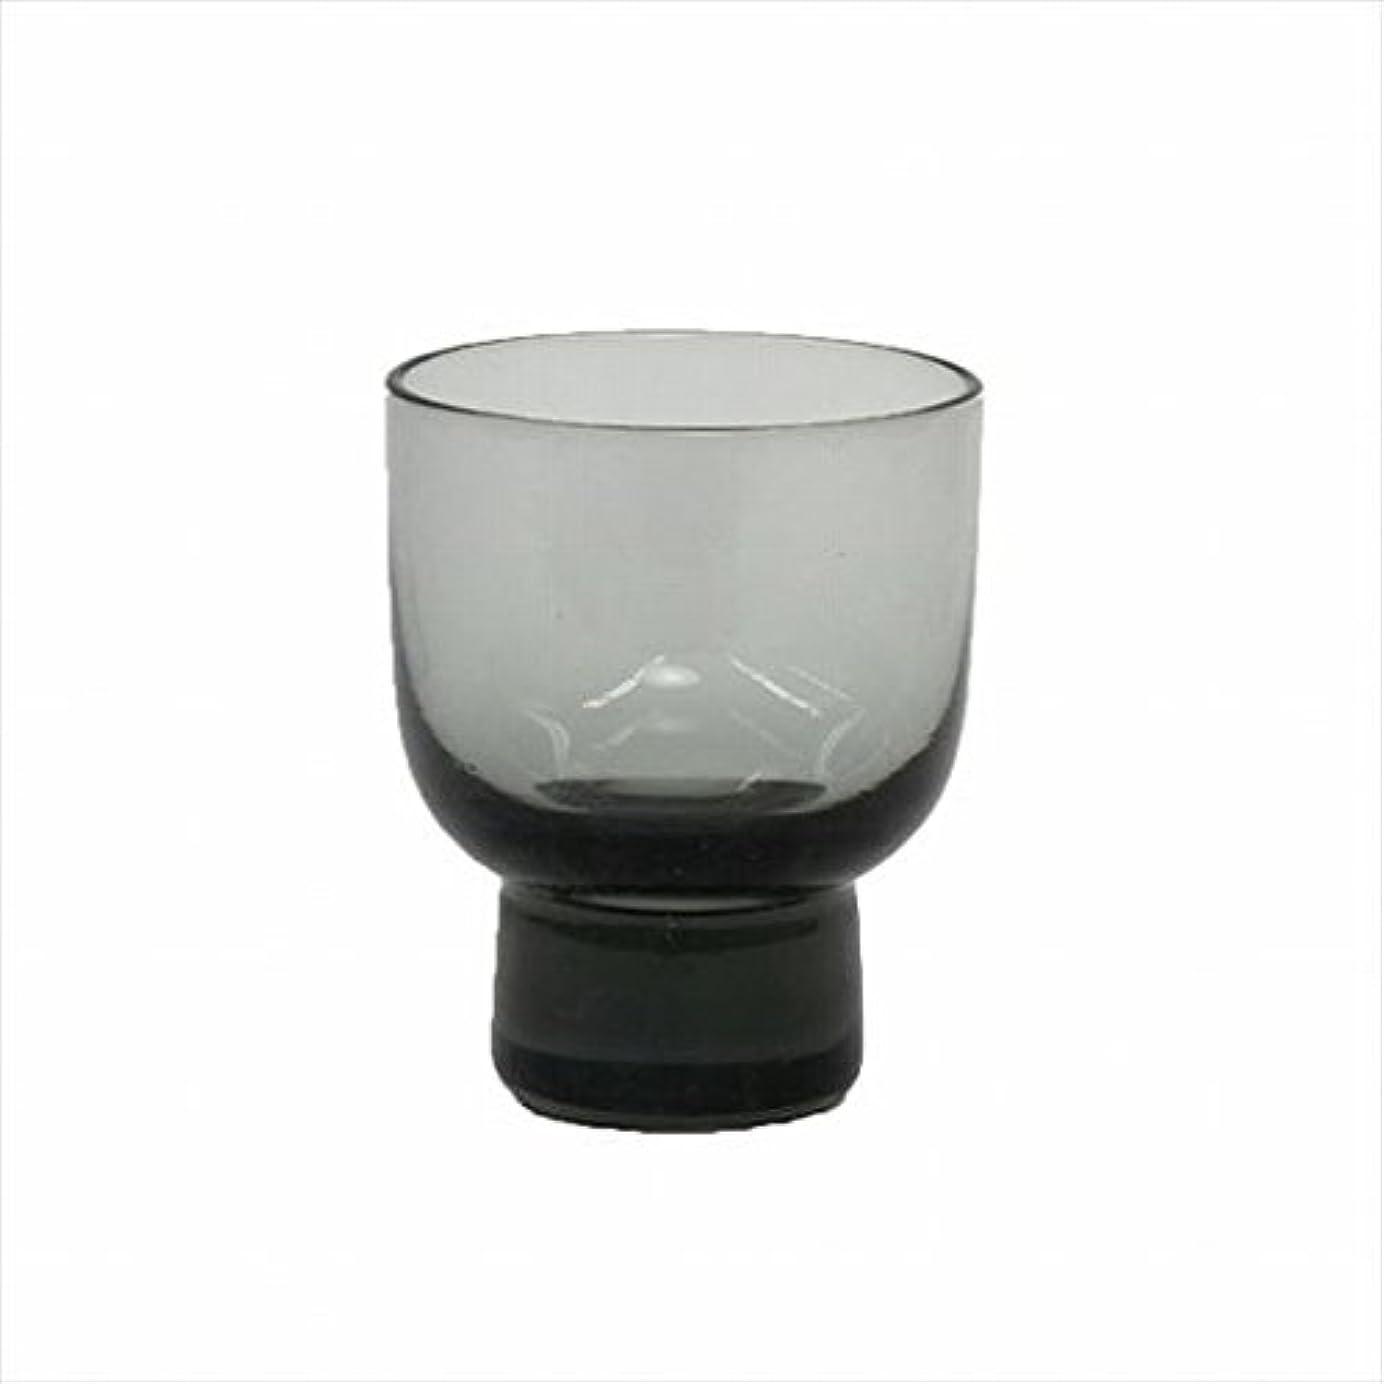 補充細断親愛なカメヤマキャンドル(kameyama candle) ロキカップ 「 スモーク 」